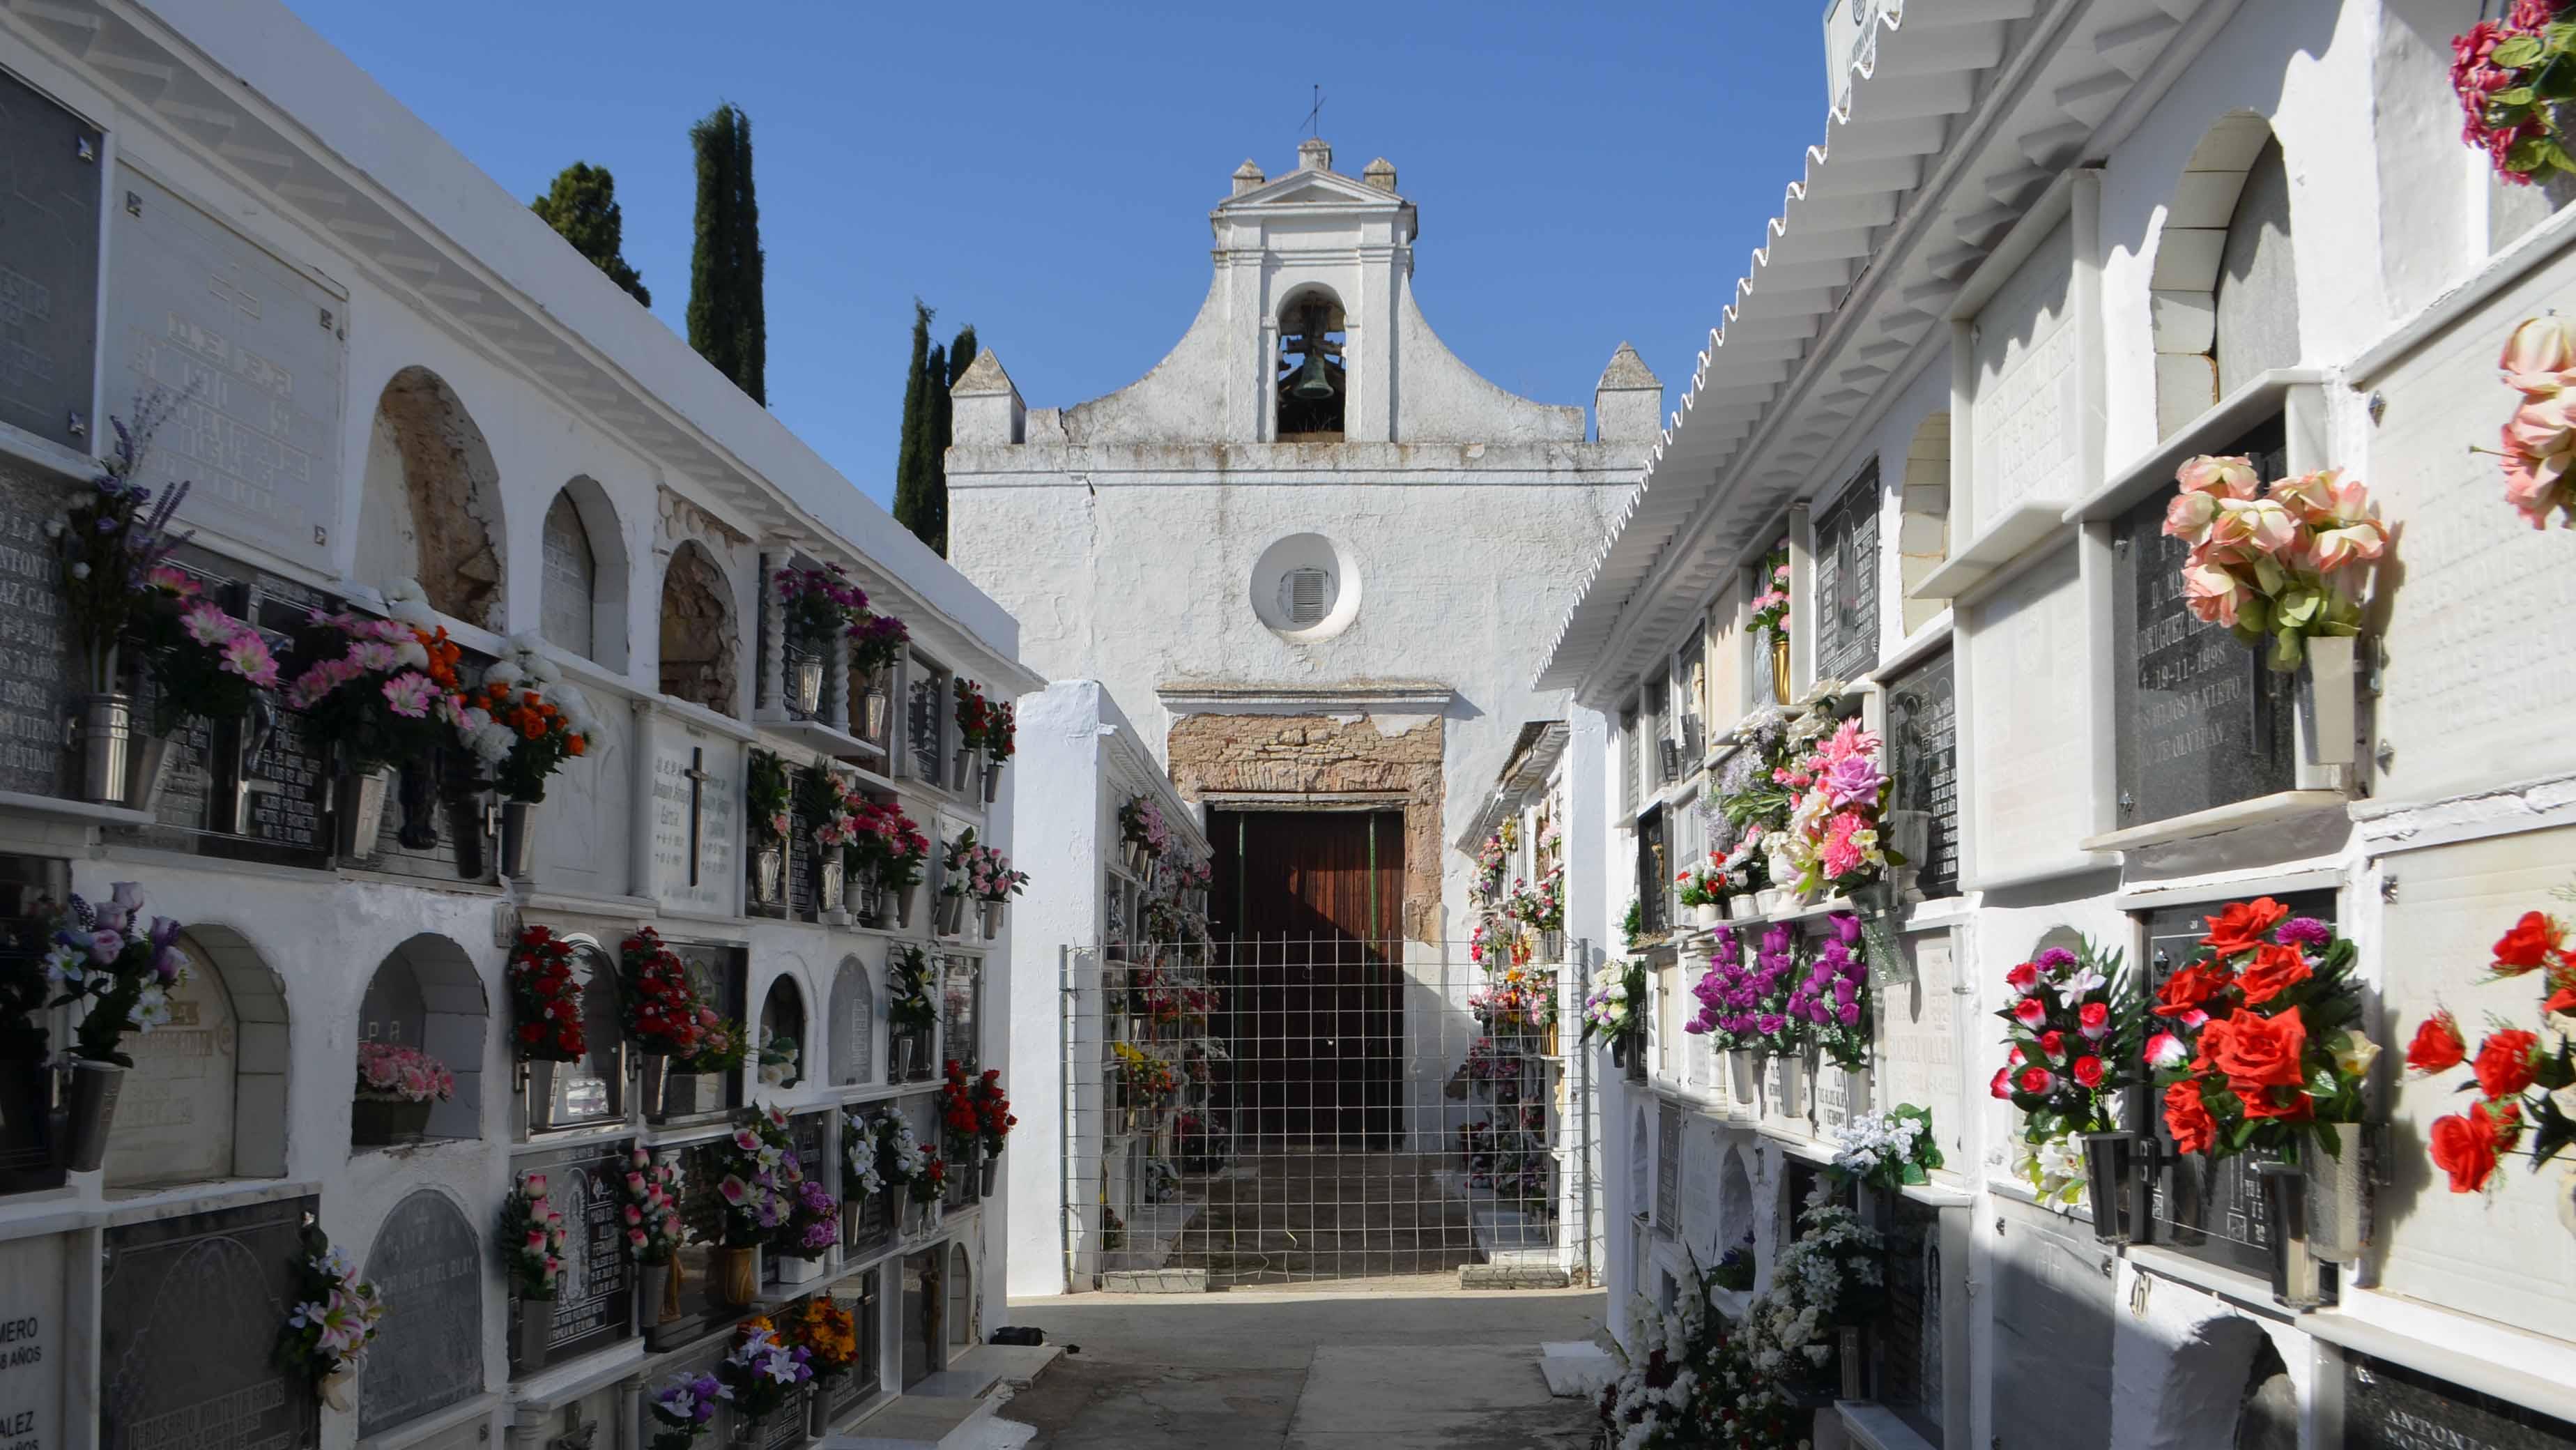 Una valla impide el acceso a los enterramientos más próximos a la capilla/ A.F.